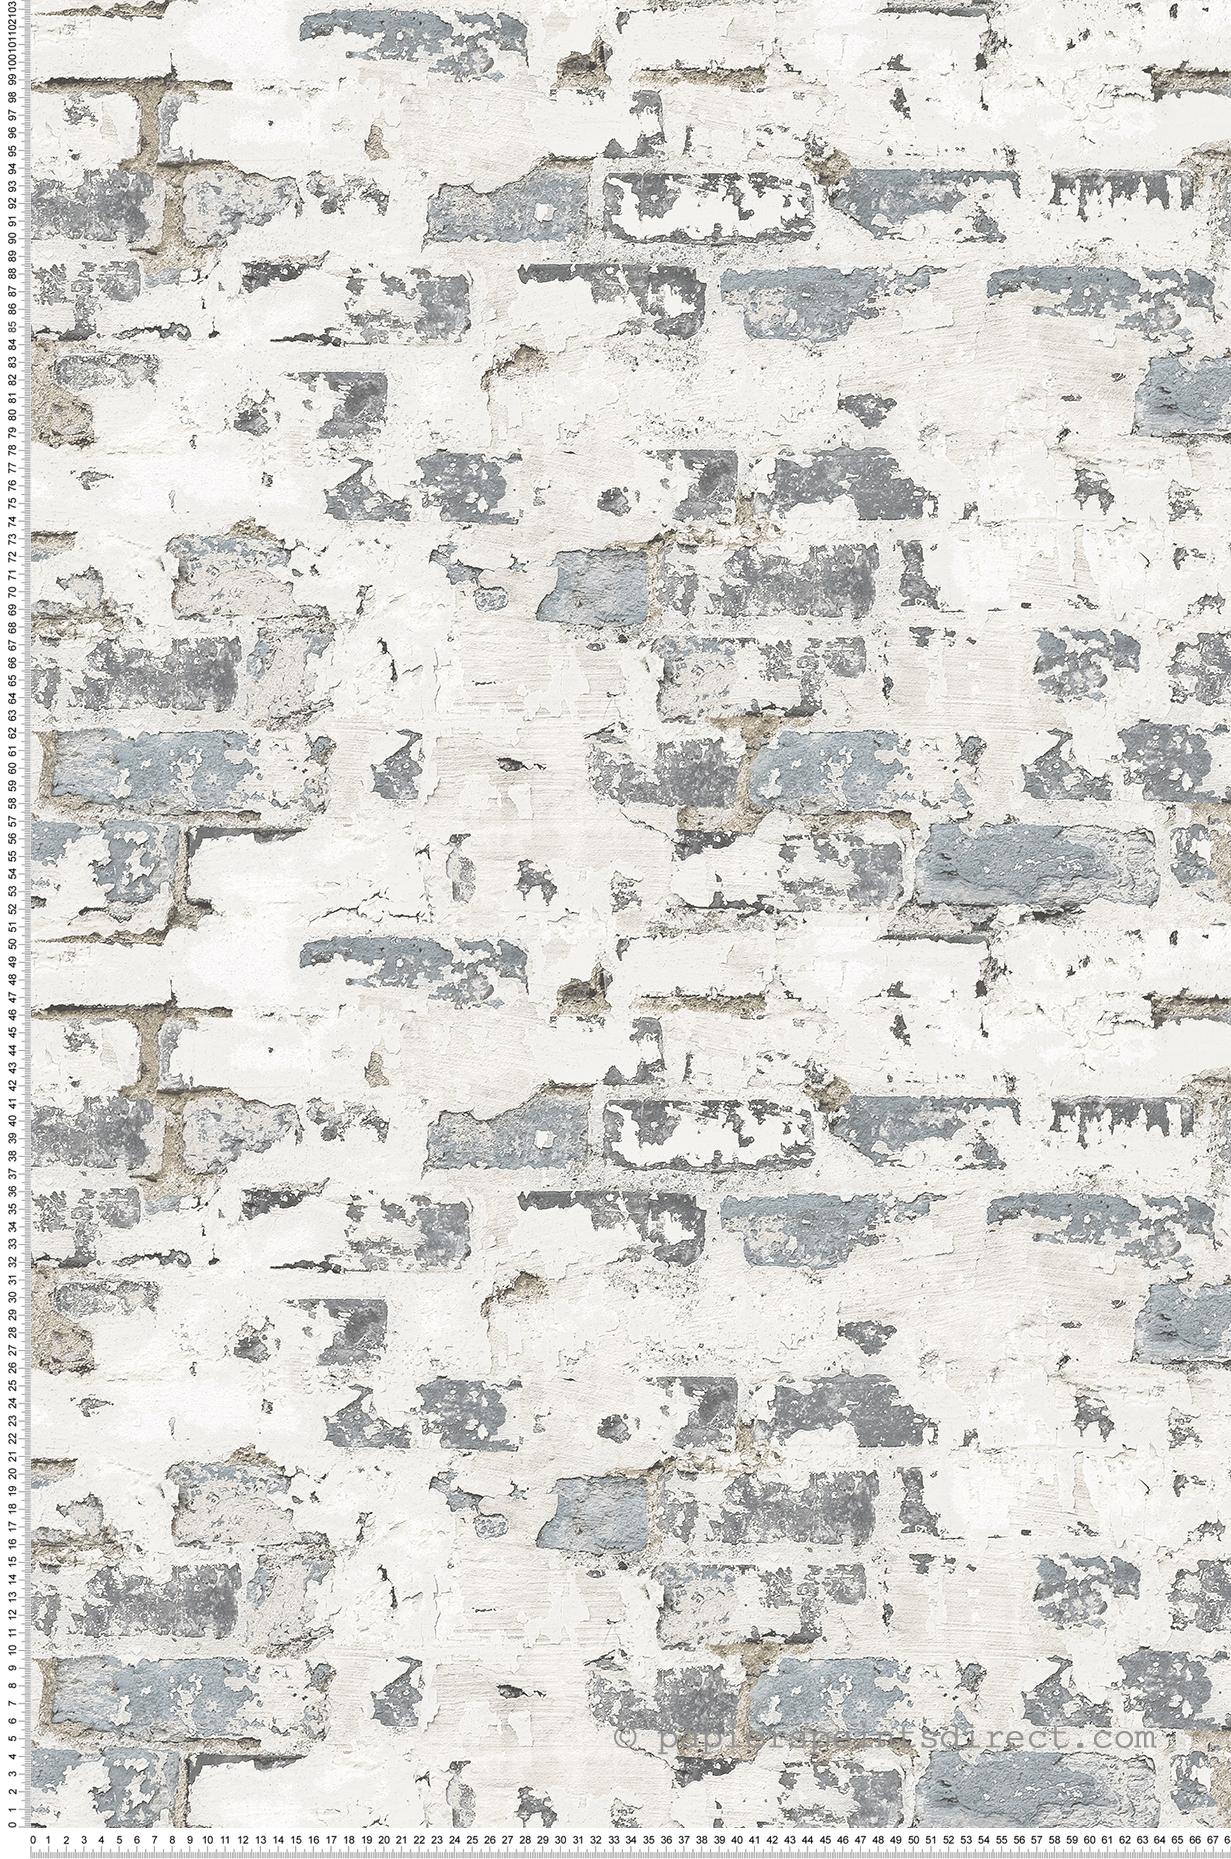 Papier Peint Vieux mur gris - Structure de Lutèce | Réf. LTC ...